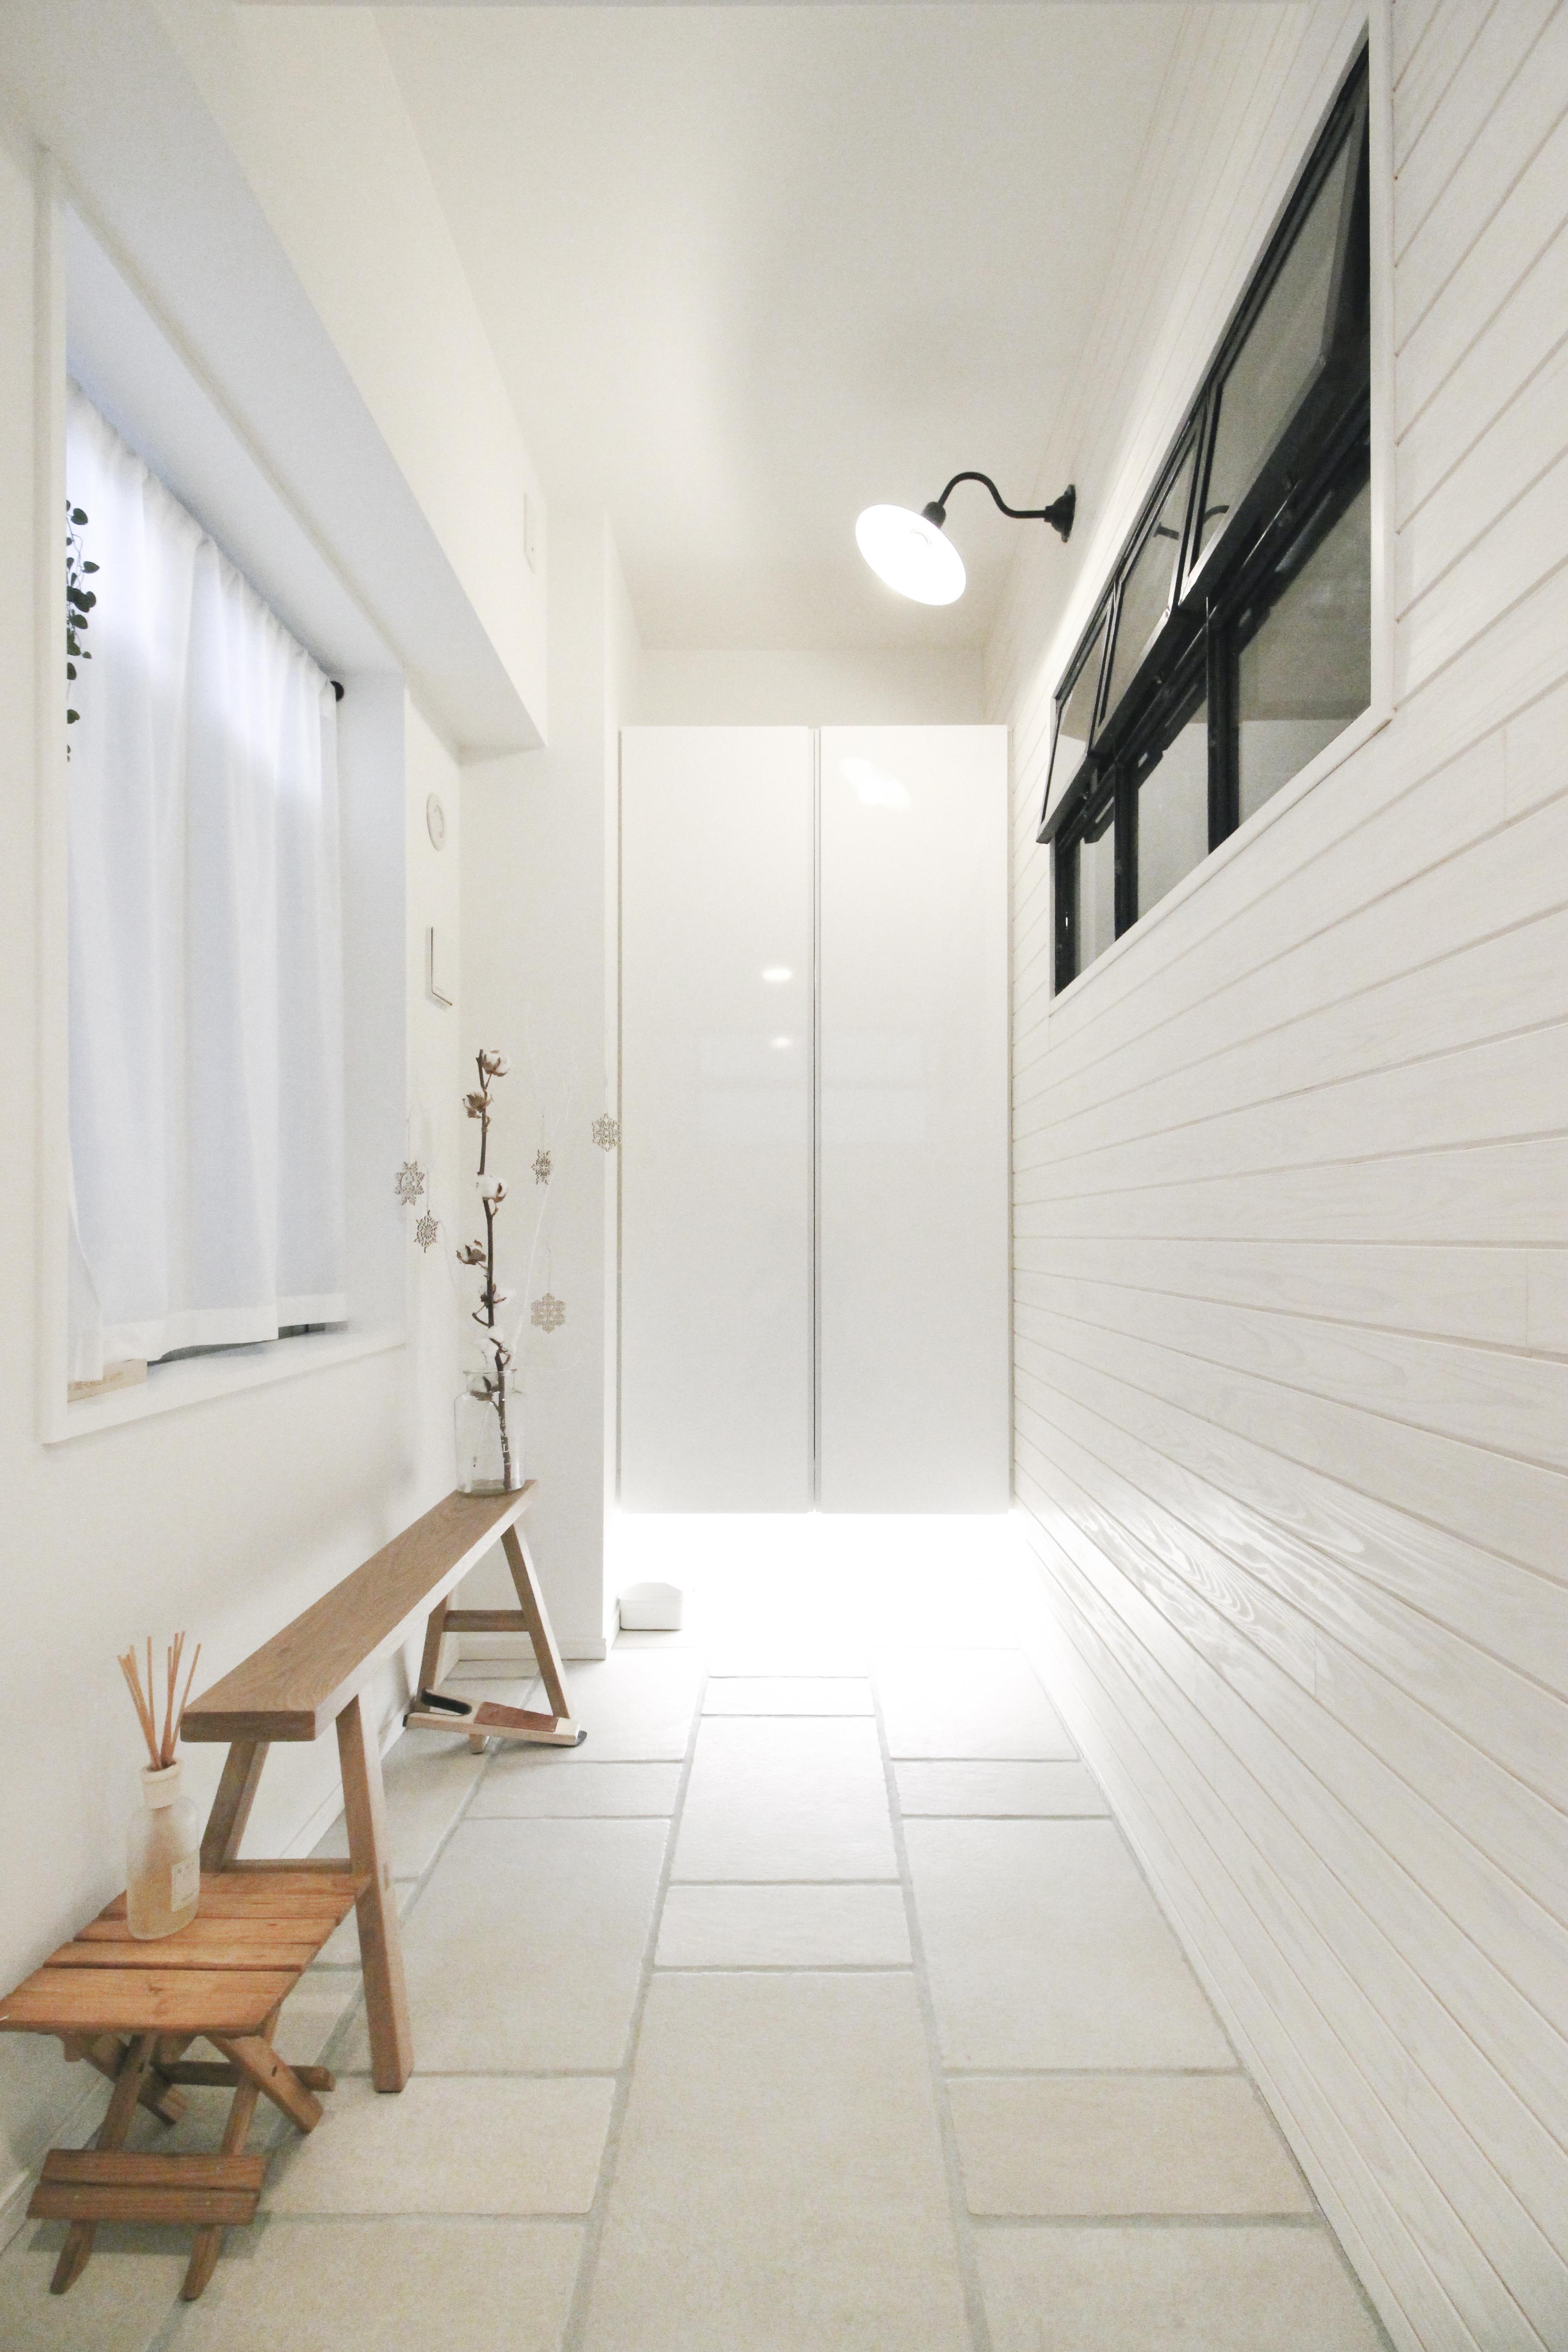 建築家とつくりあげた理想のリノベーション空間の部屋 広々とした玄関土間